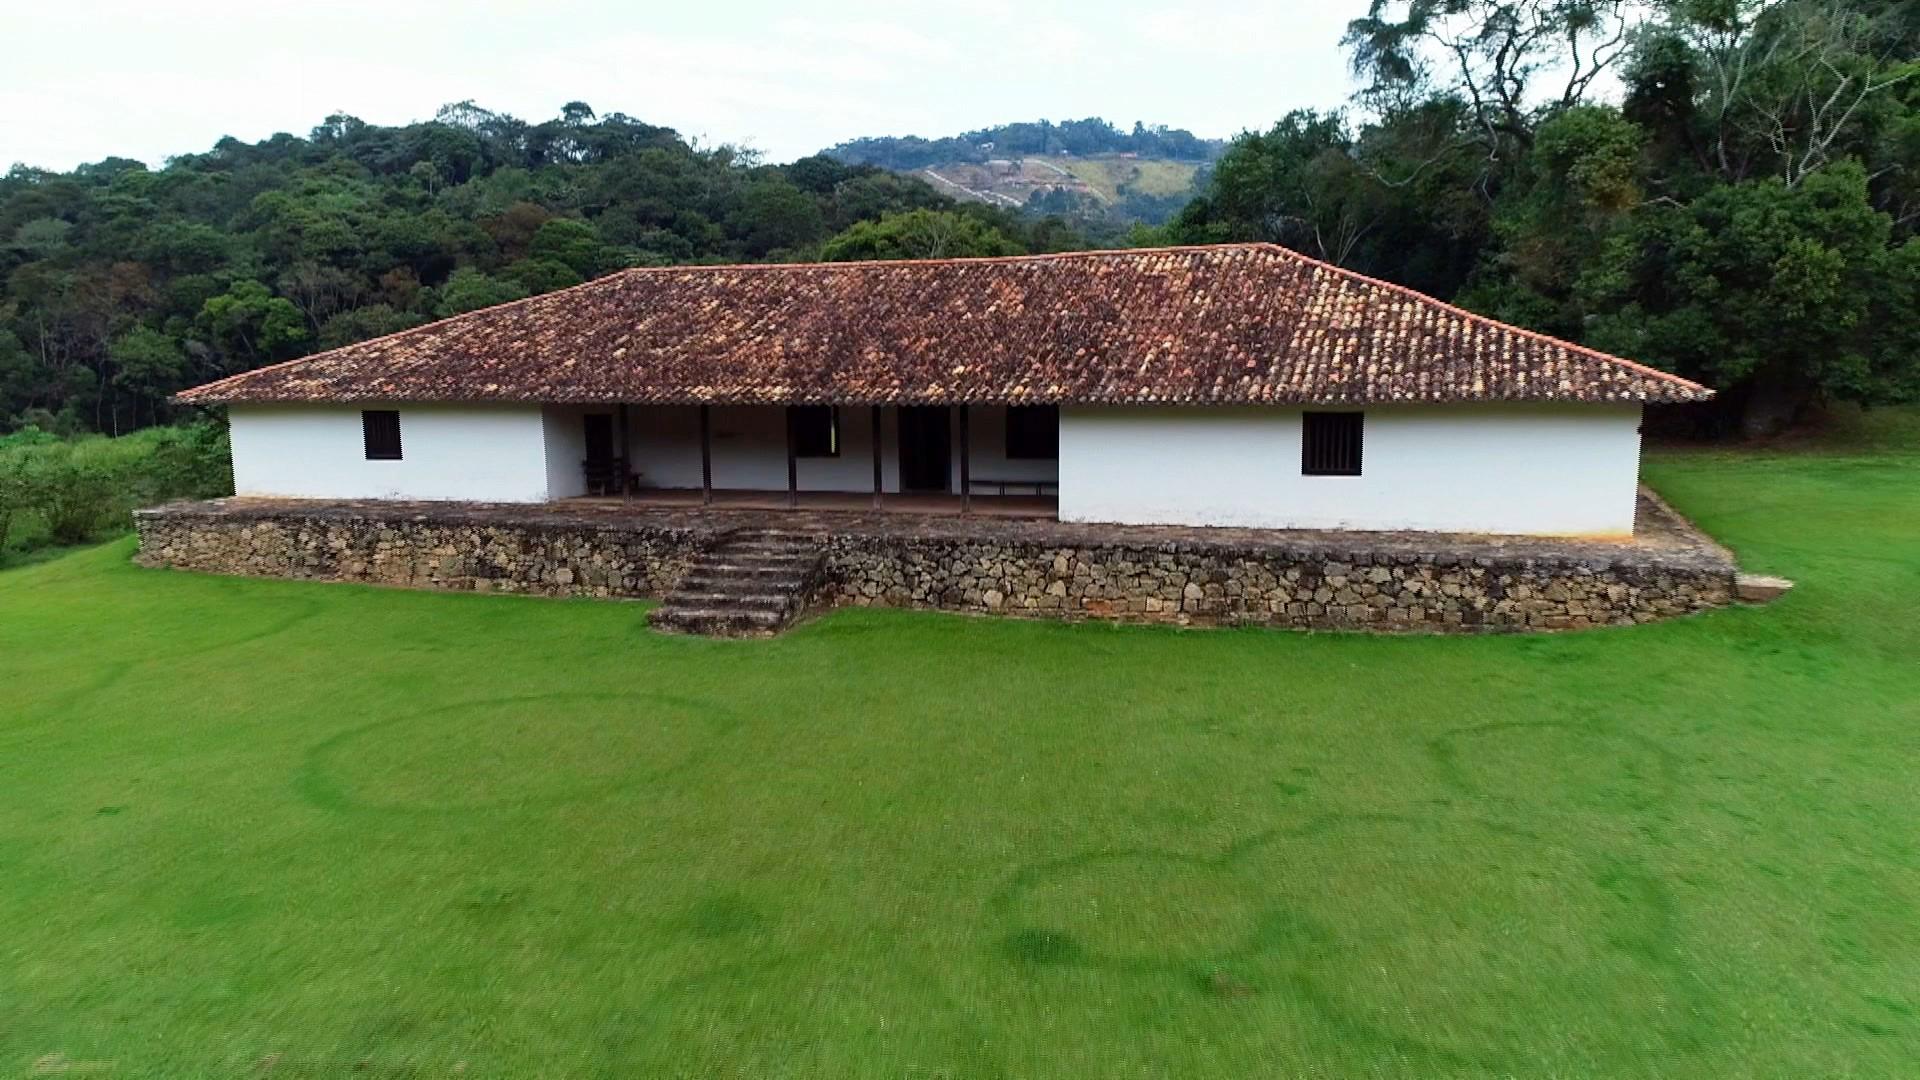 Propriedades rurais centenárias lembram época dos bandeirantes - Notícias - Plantão Diário